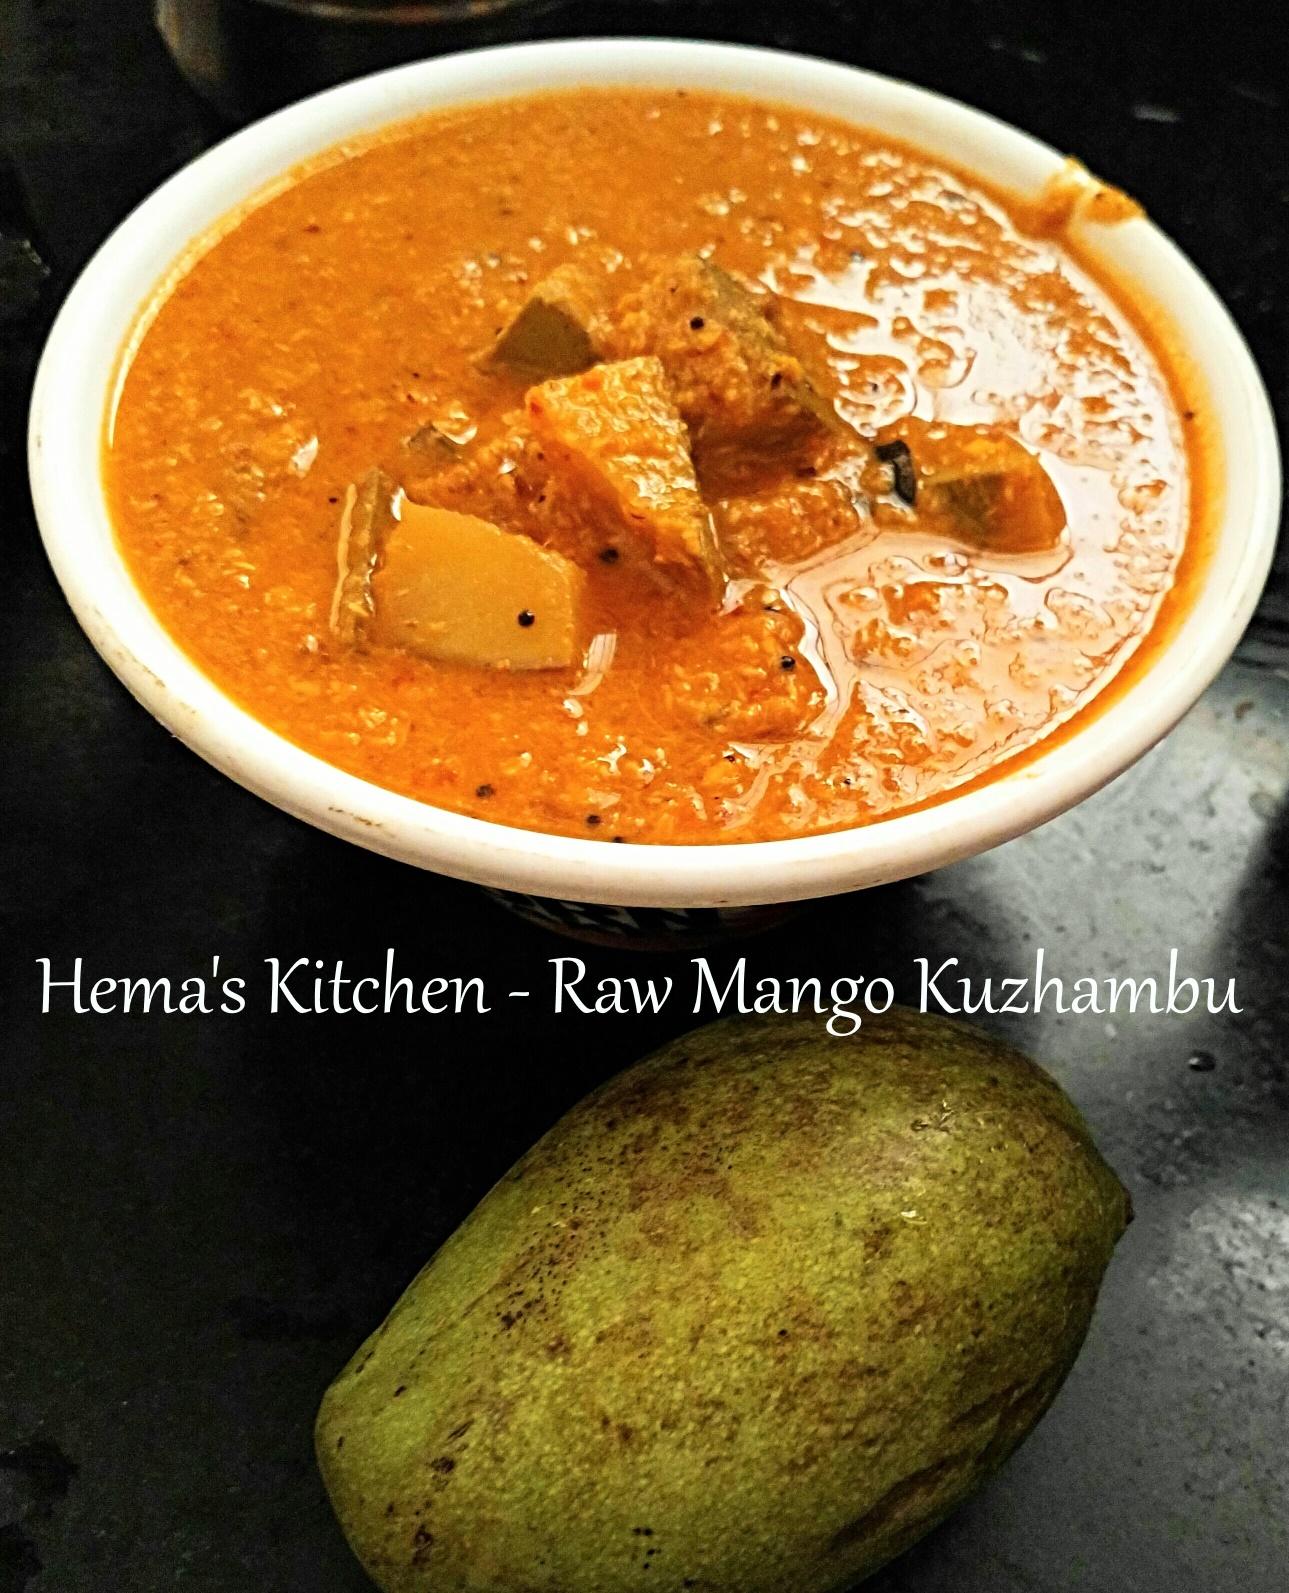 Raw mango kuzhambu